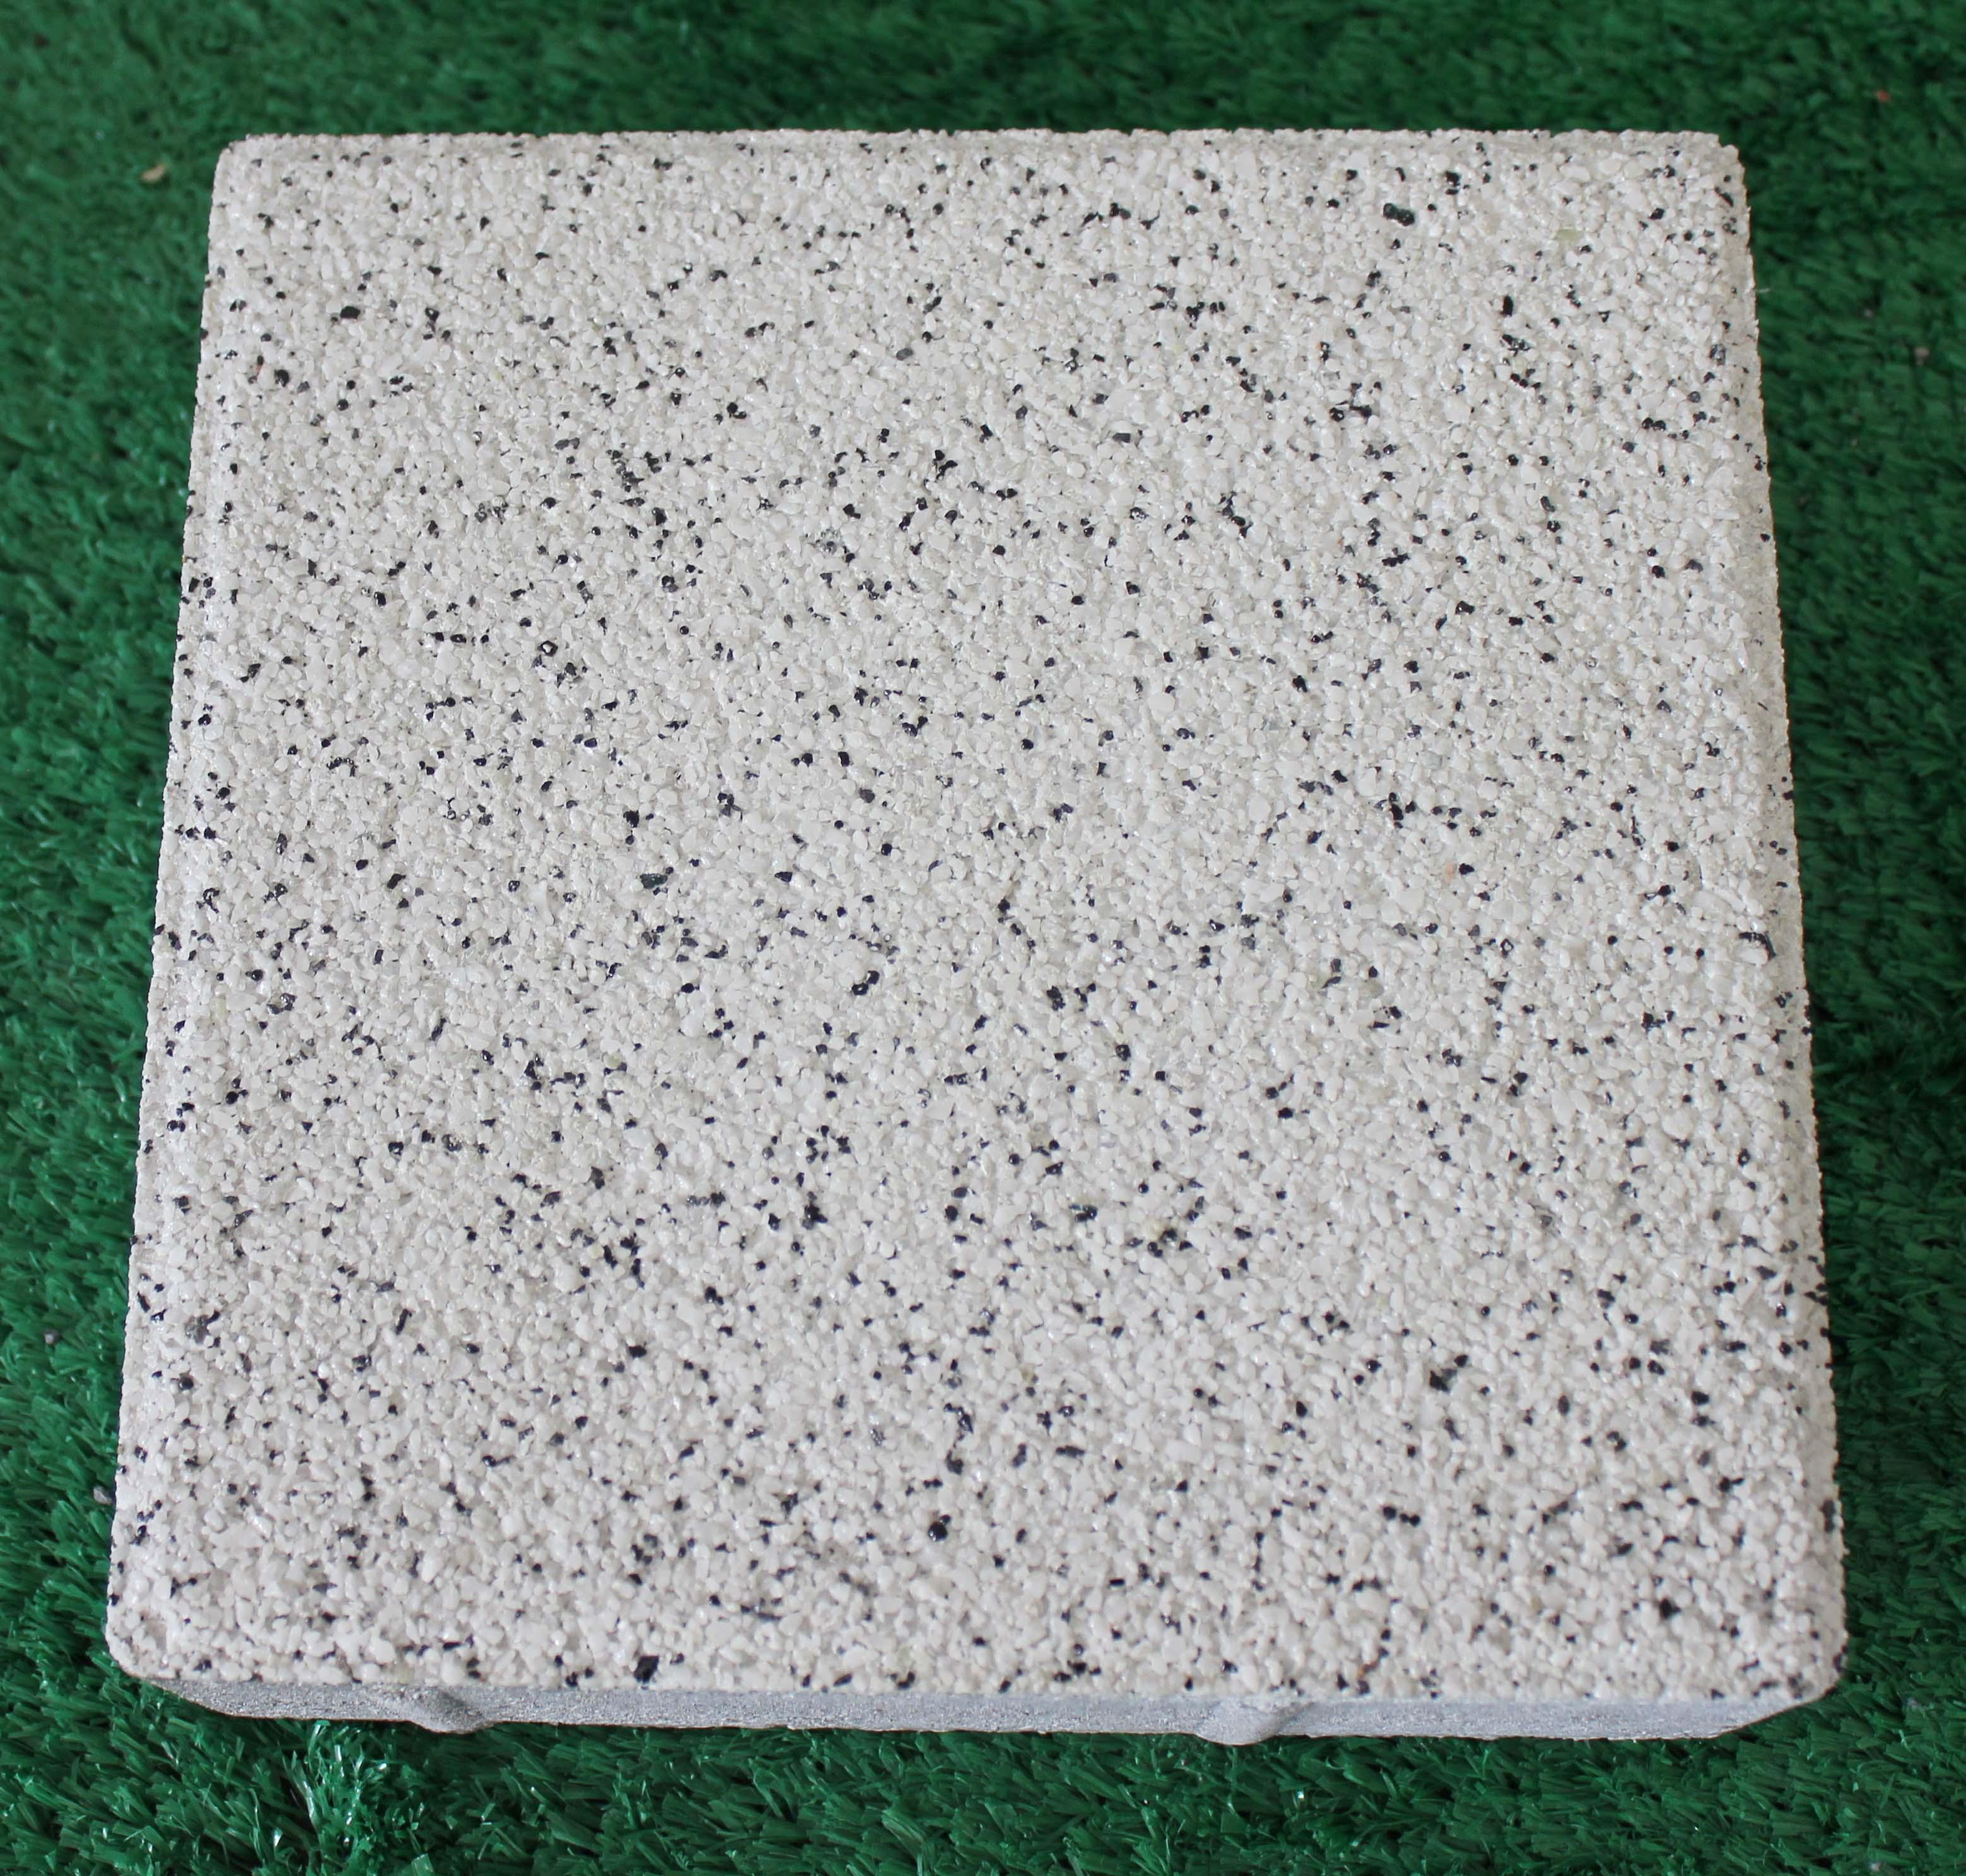 【图片】混色砖厂家各类产品 抛光砖耐腐蚀